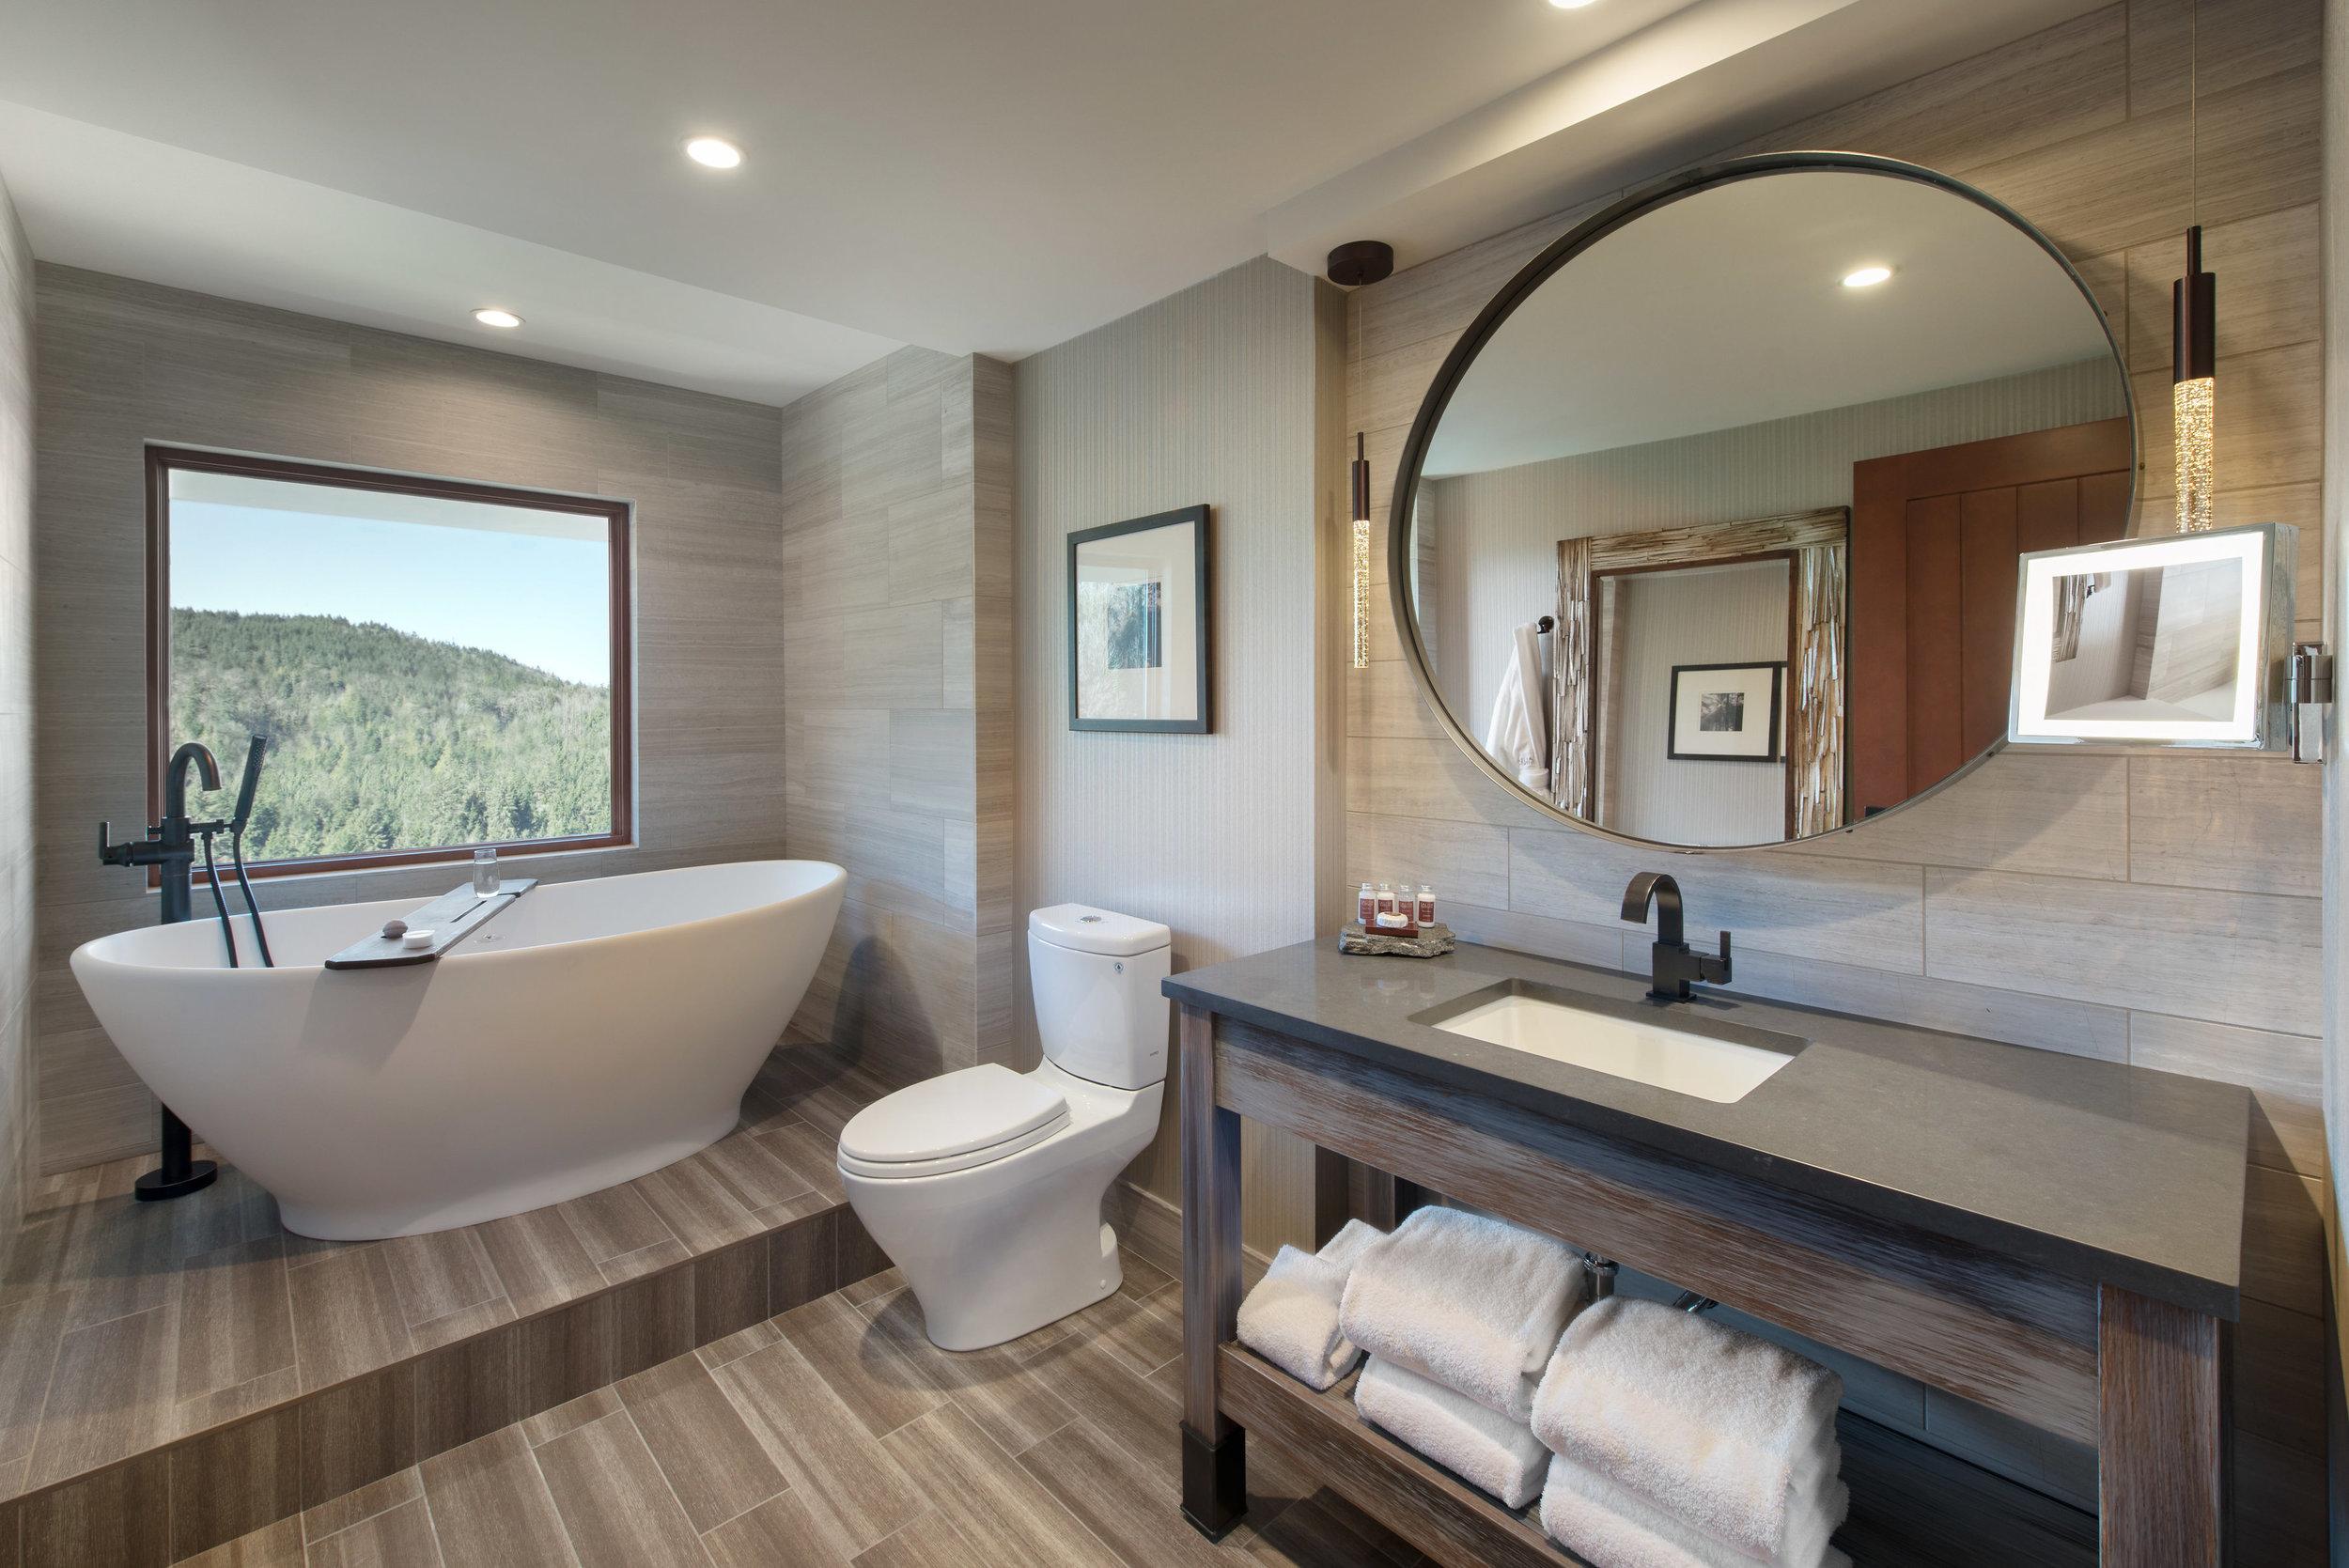 Suite_Bathroom_02.jpg